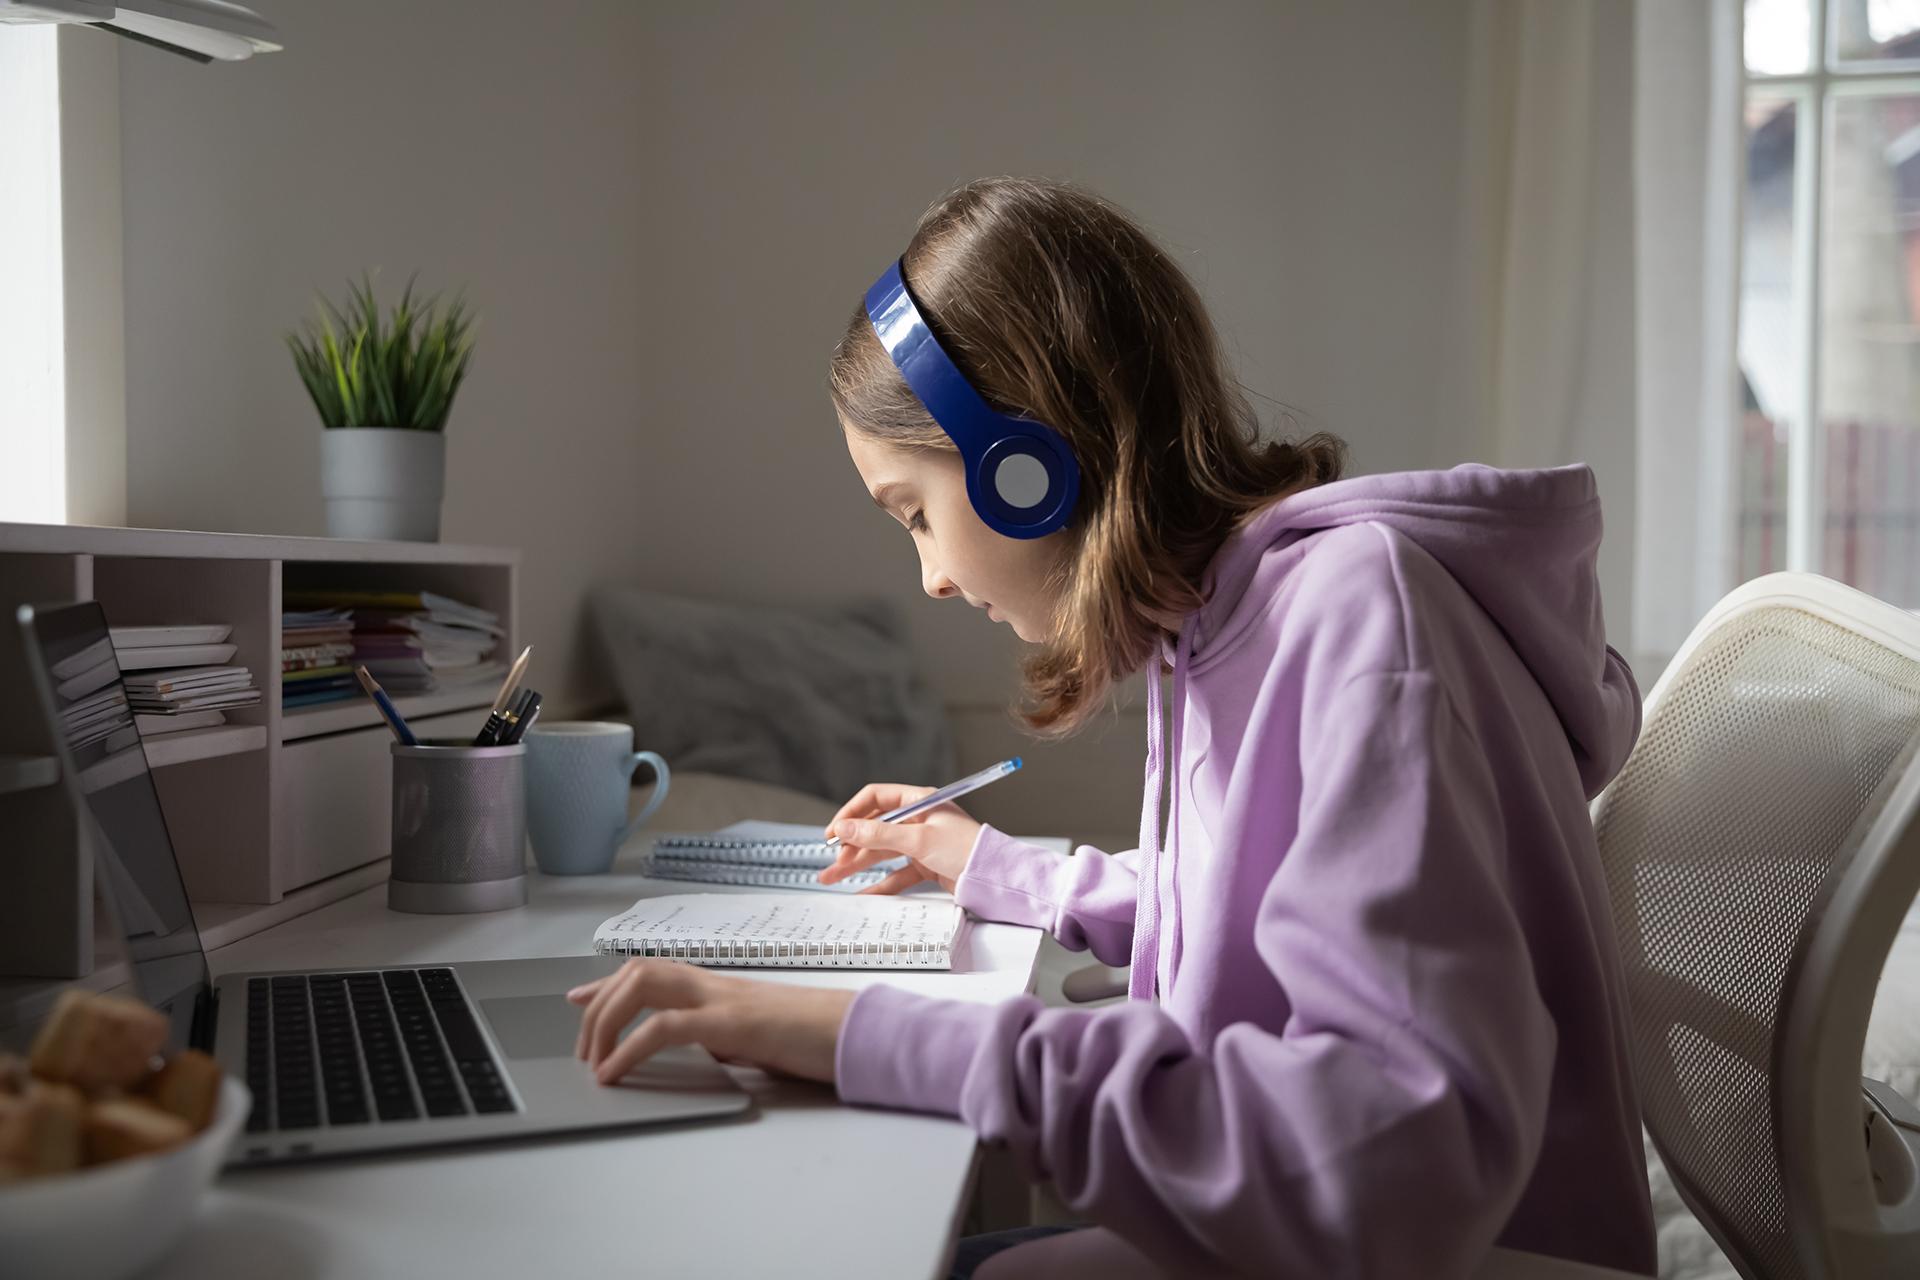 Une personne entrain d'effectuer un cours en ligne sur le web